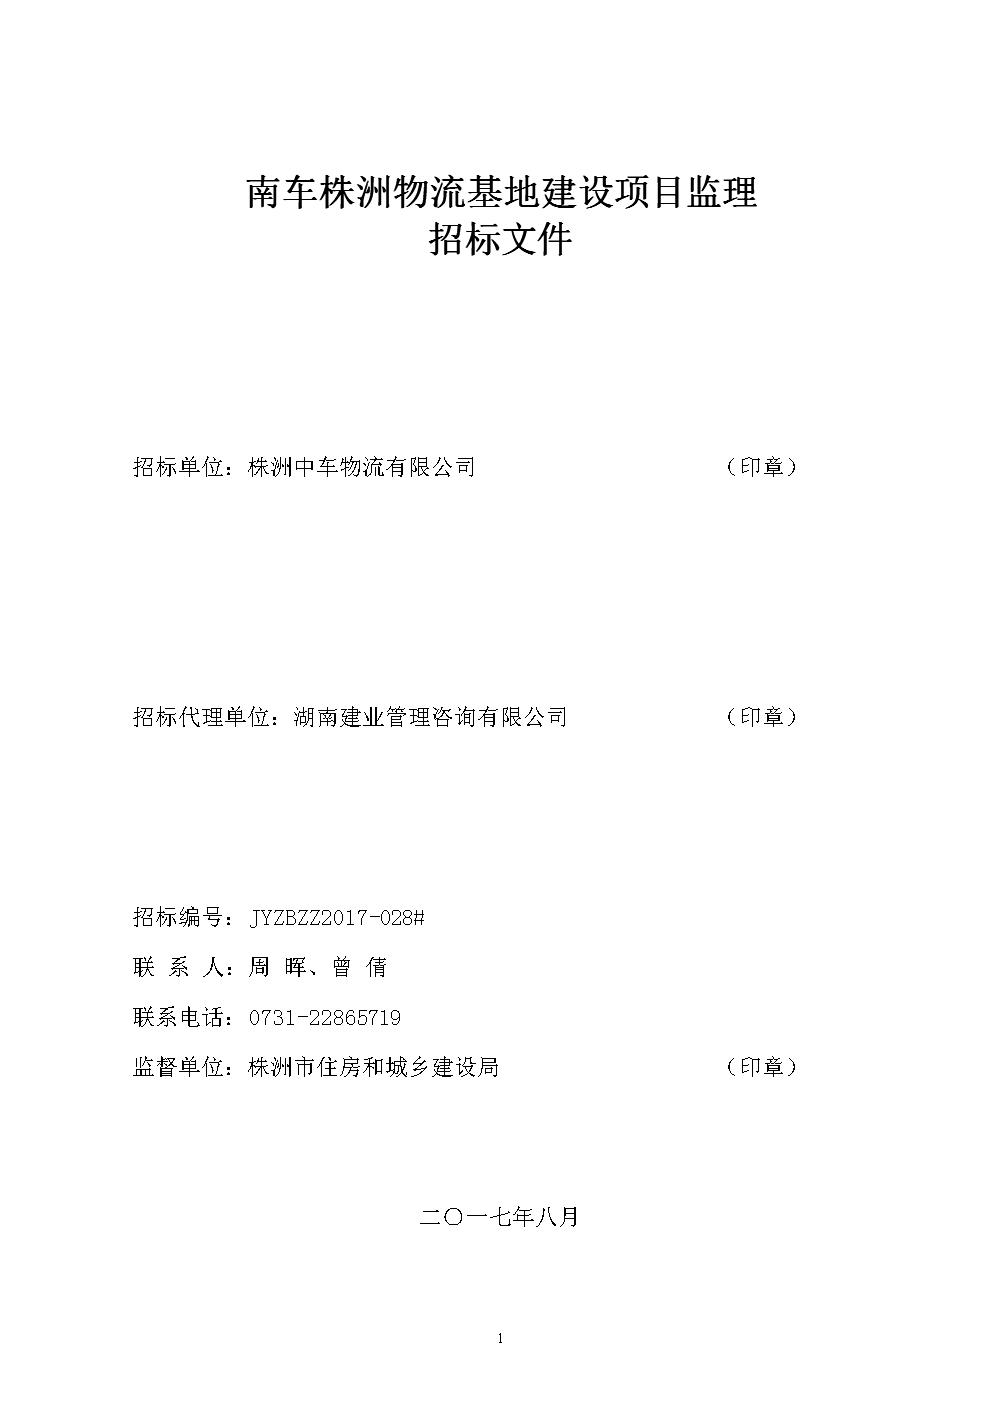 南车株洲物流基地建设项目监理招标文件.doc